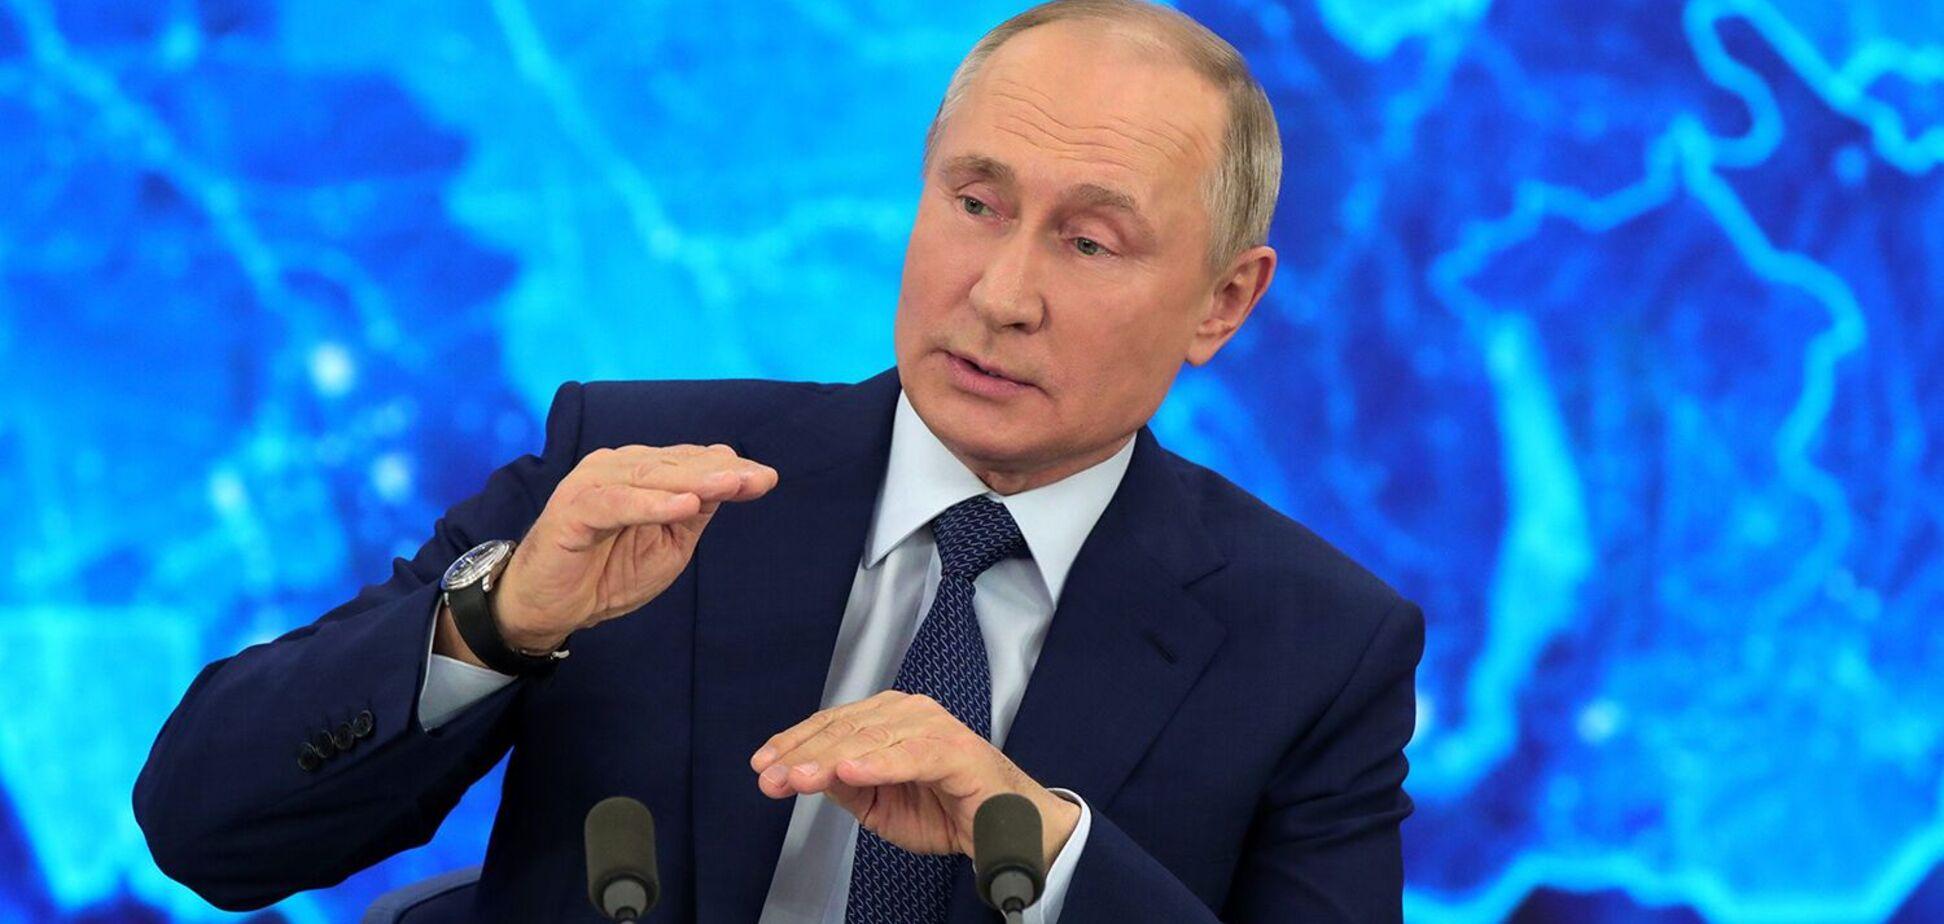 Путин во время рабочей встречи нежно гладил стакан с карандашами: курьезный момент попал на видео